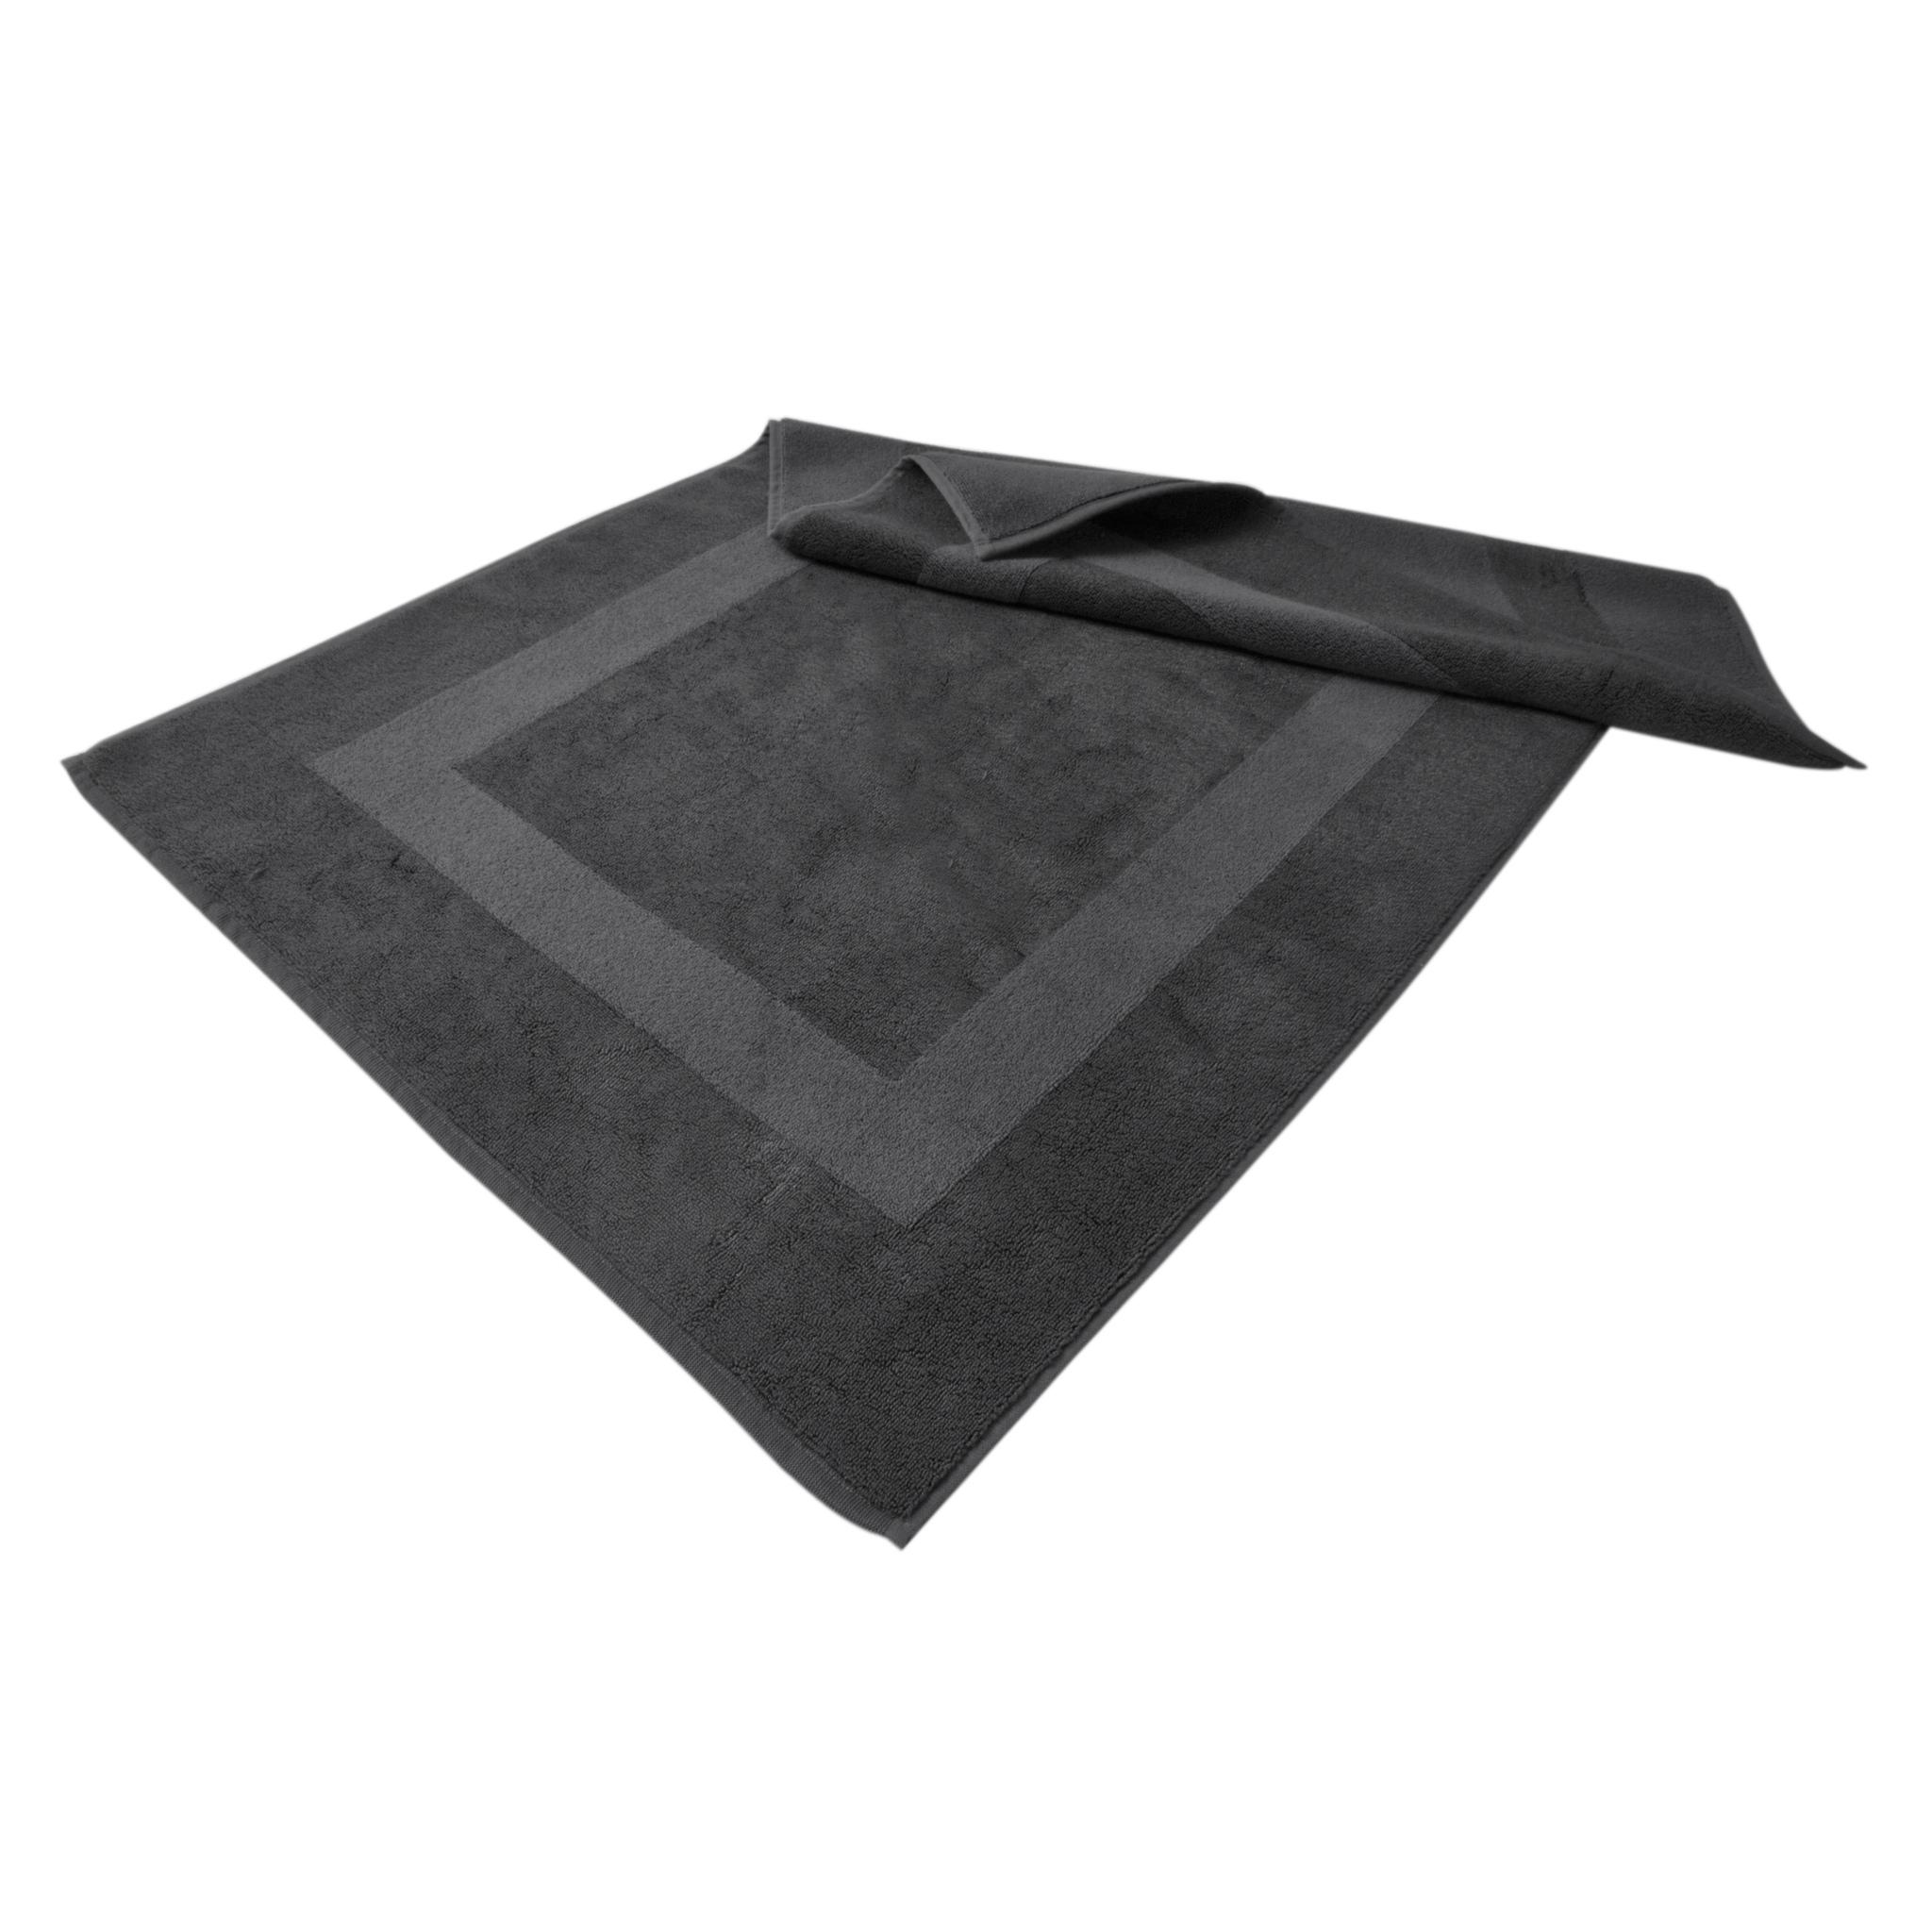 Коврики для ванной Элитный коврик для ванной Glam темно-серый от Hamam elitnyy-kovrik-dlya-vannoy-glam-temno-seryy-ot-hamam-turtsiya.jpg